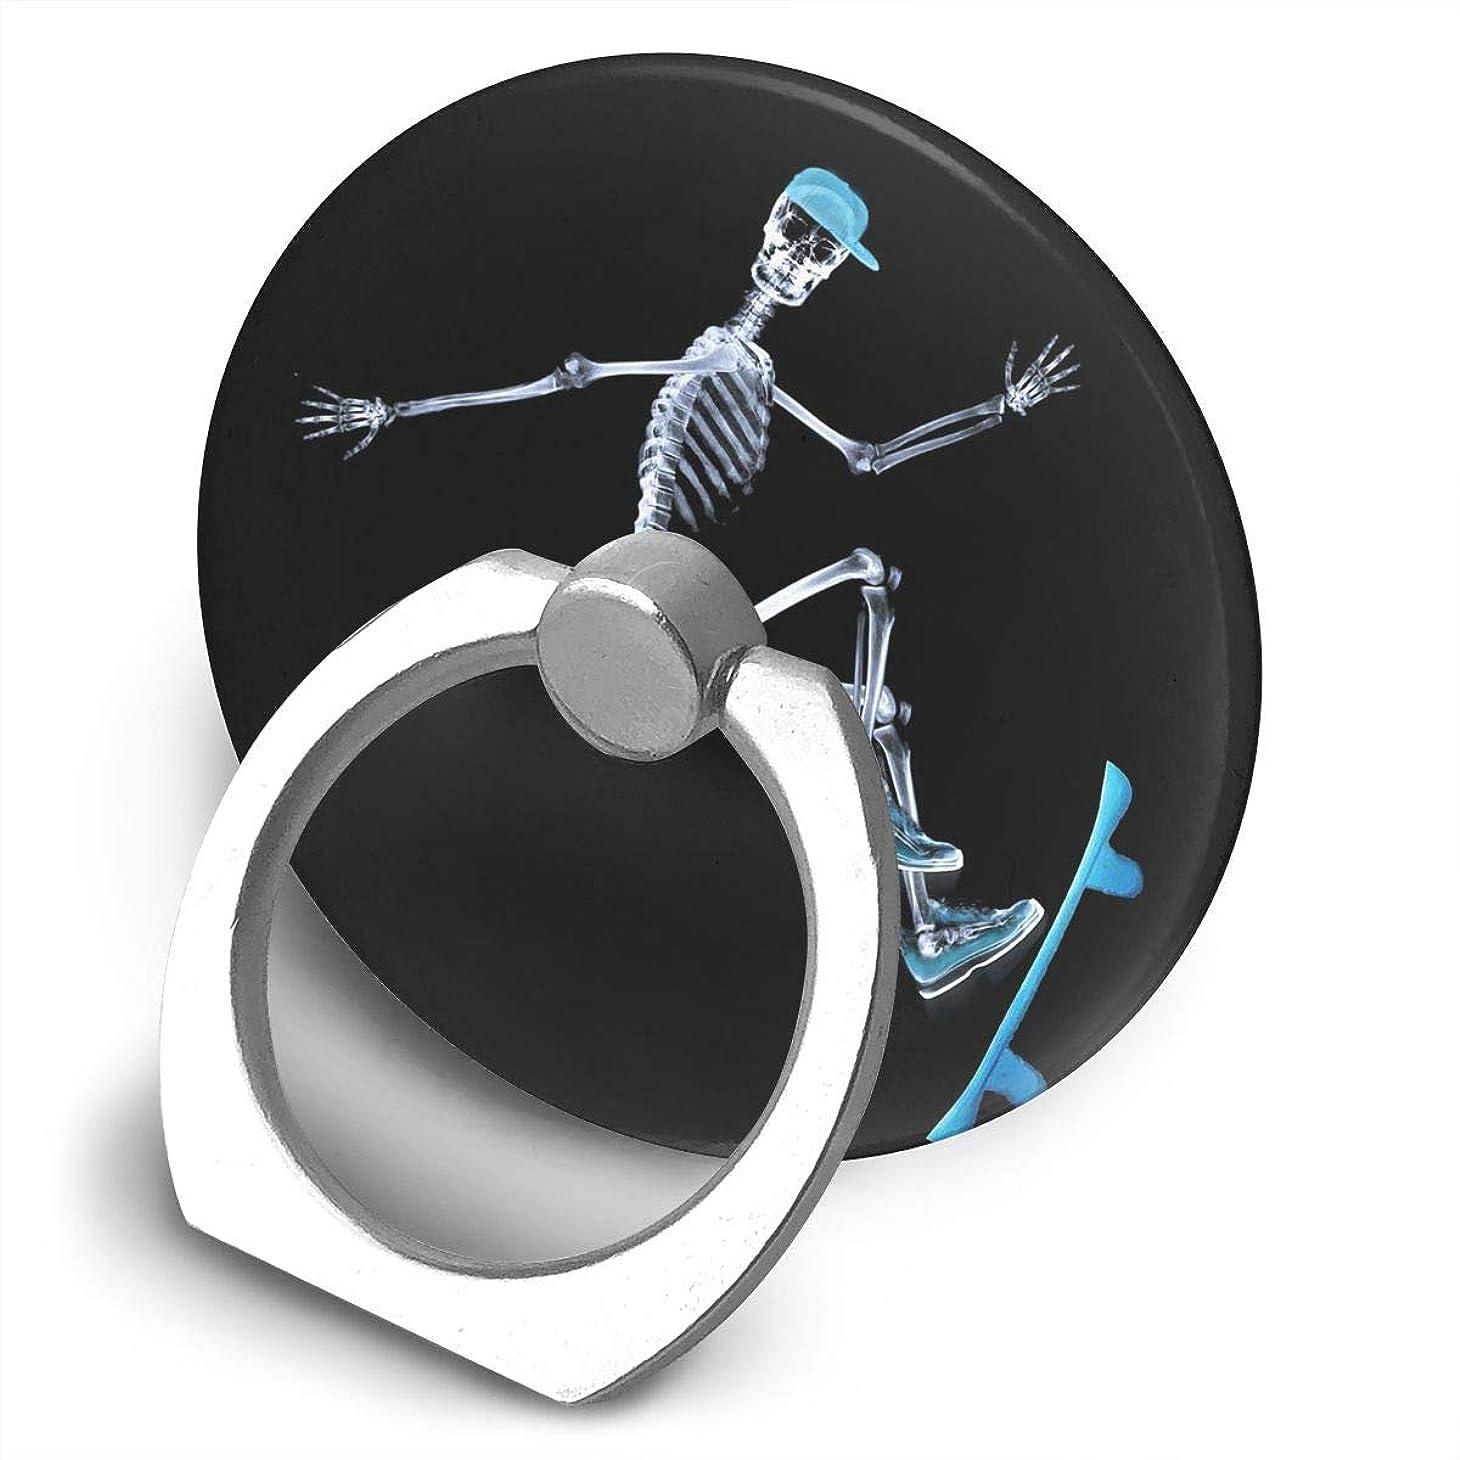 ボリューム回転させる隣接スケートボードスケルトン 360度回転 携帯リング スタンド スマホスタンド ホルダー 薄型 指輪 リング 携帯アクセサリースタンド機能 落下防止